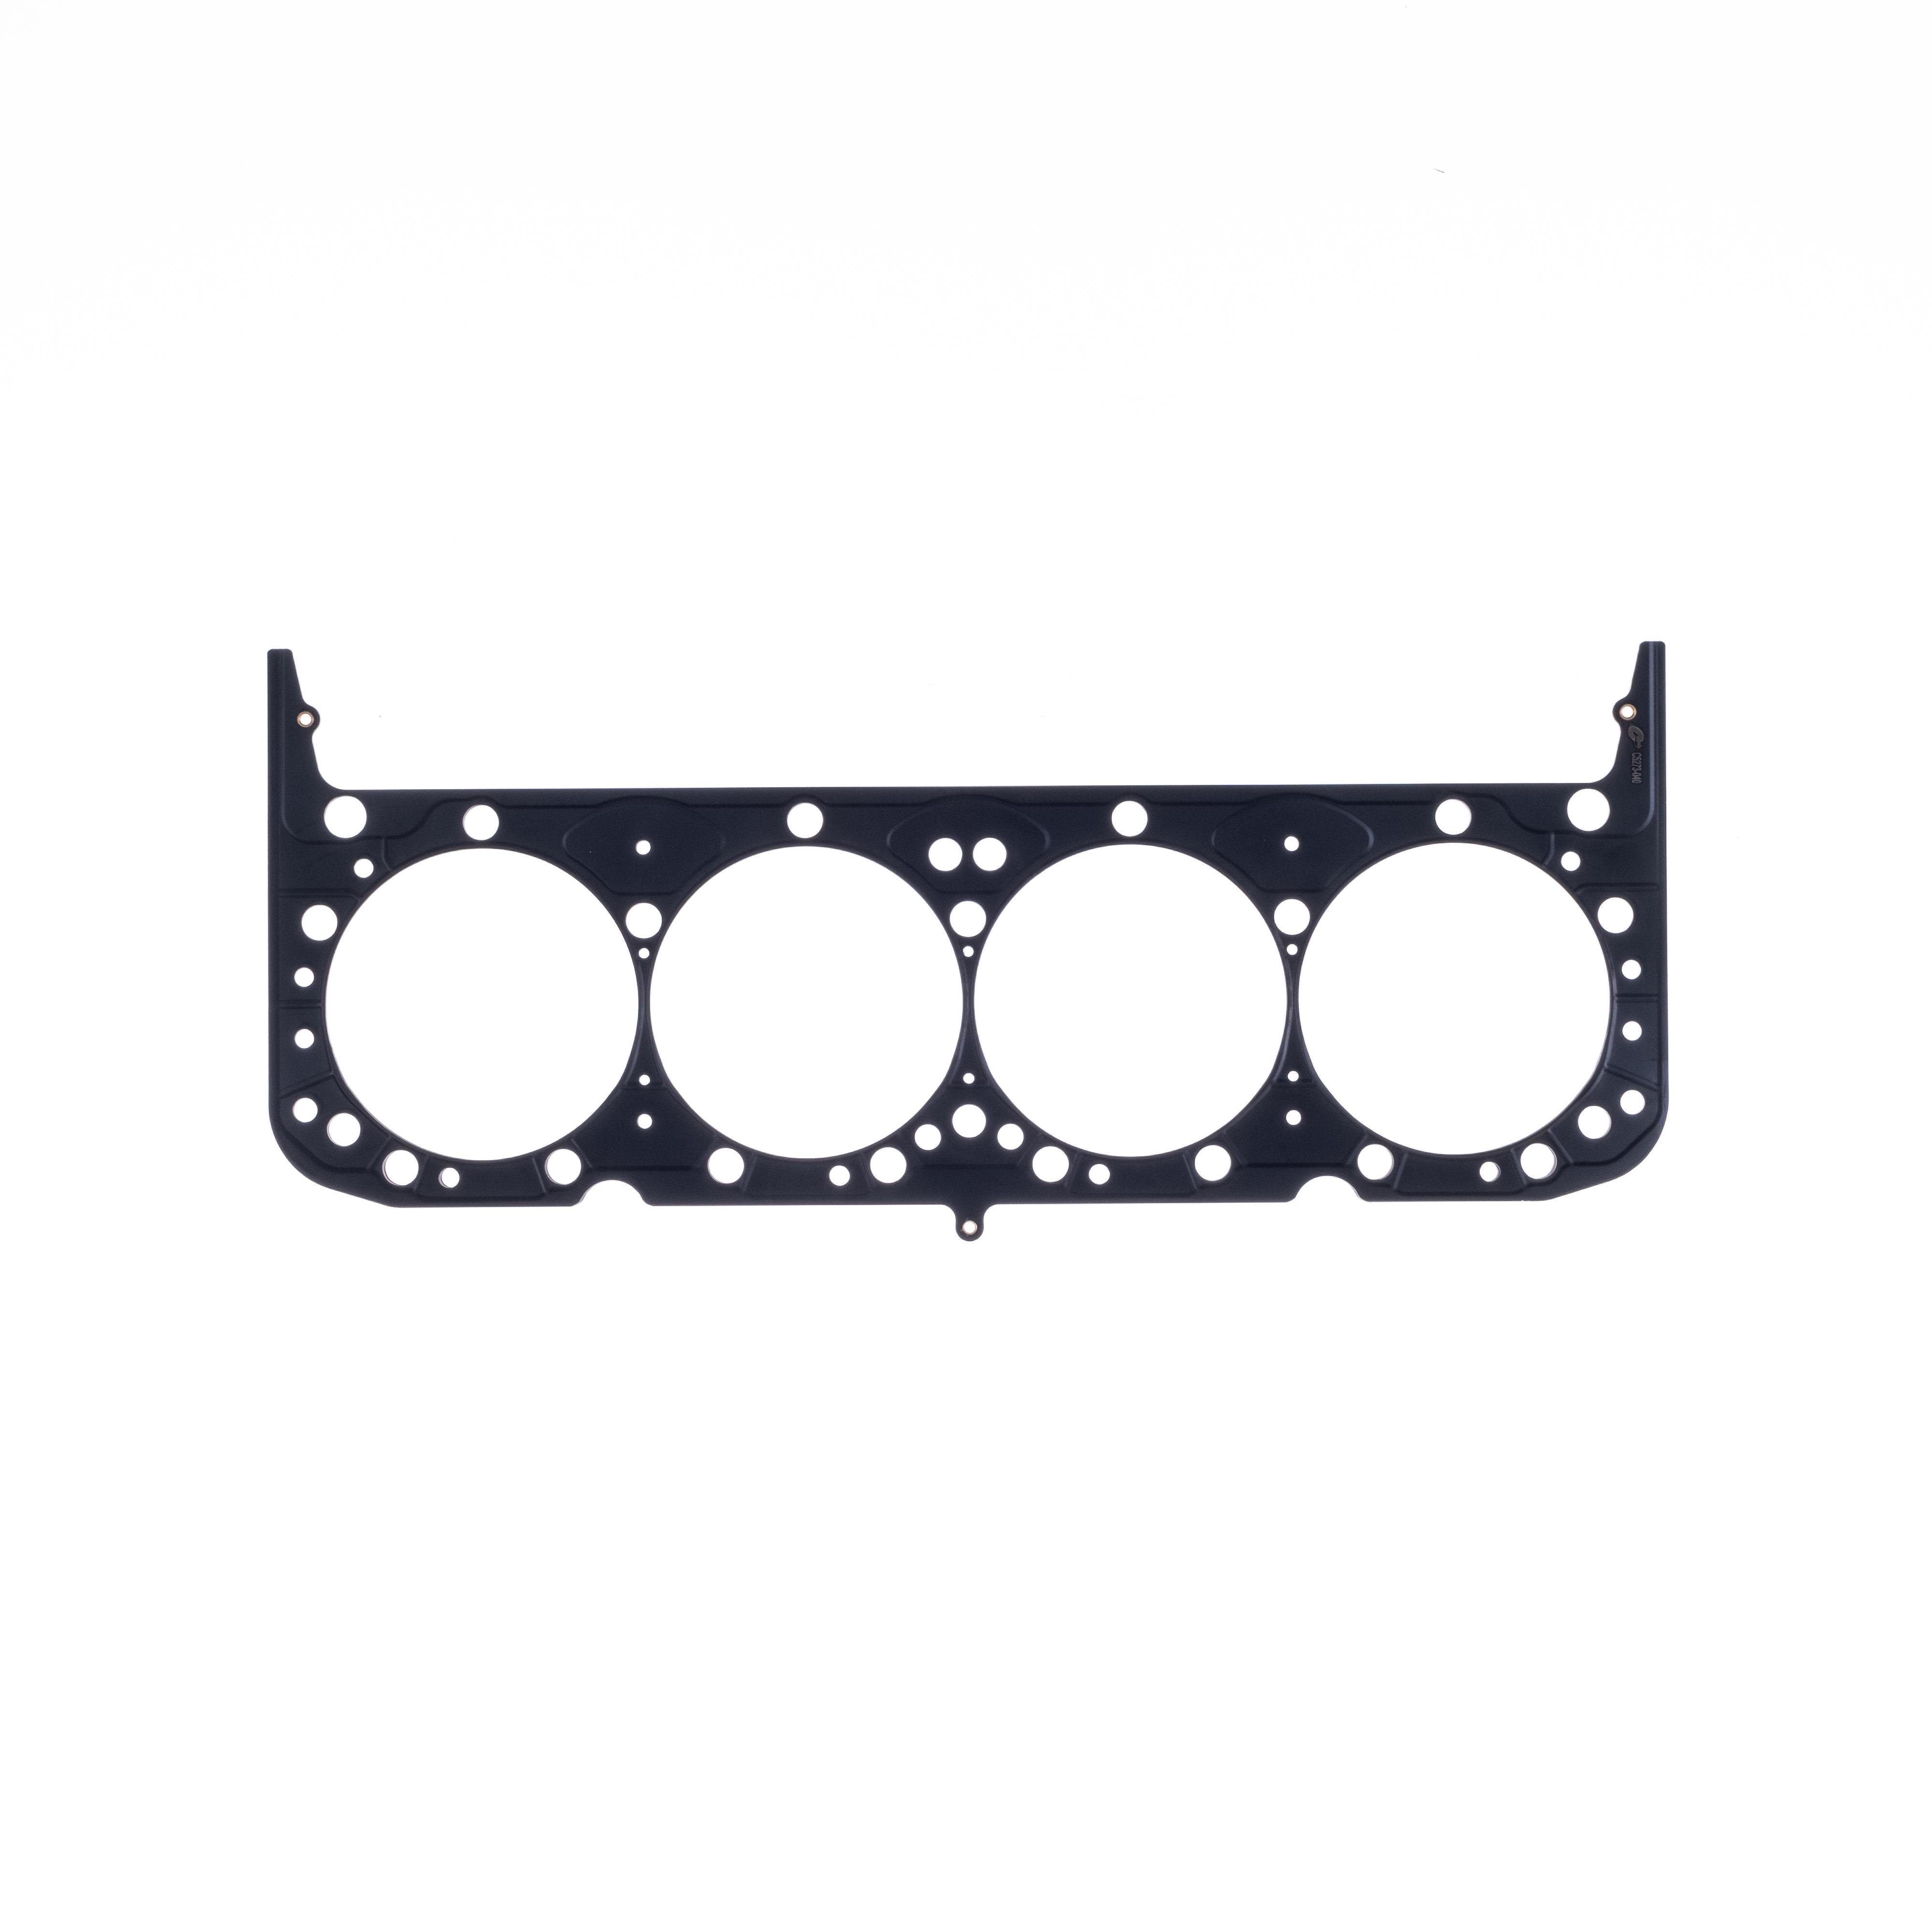 Chevrolet Gen 1 Small Block V8 092 Mls Cylinder Head